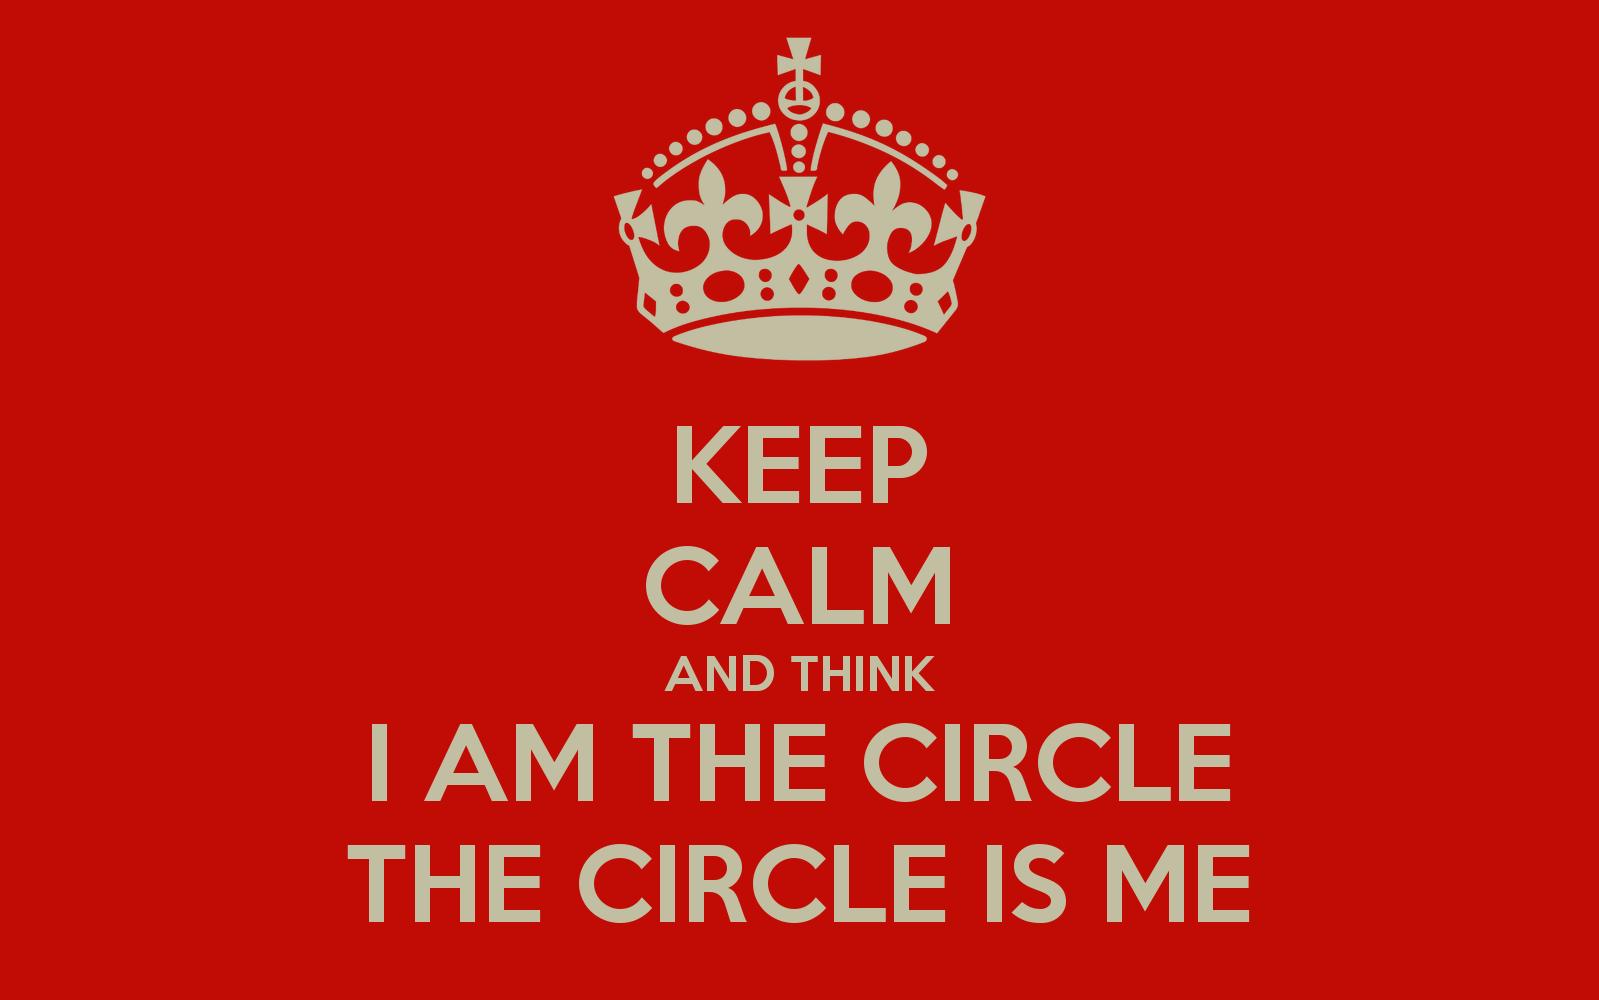 I am the circle